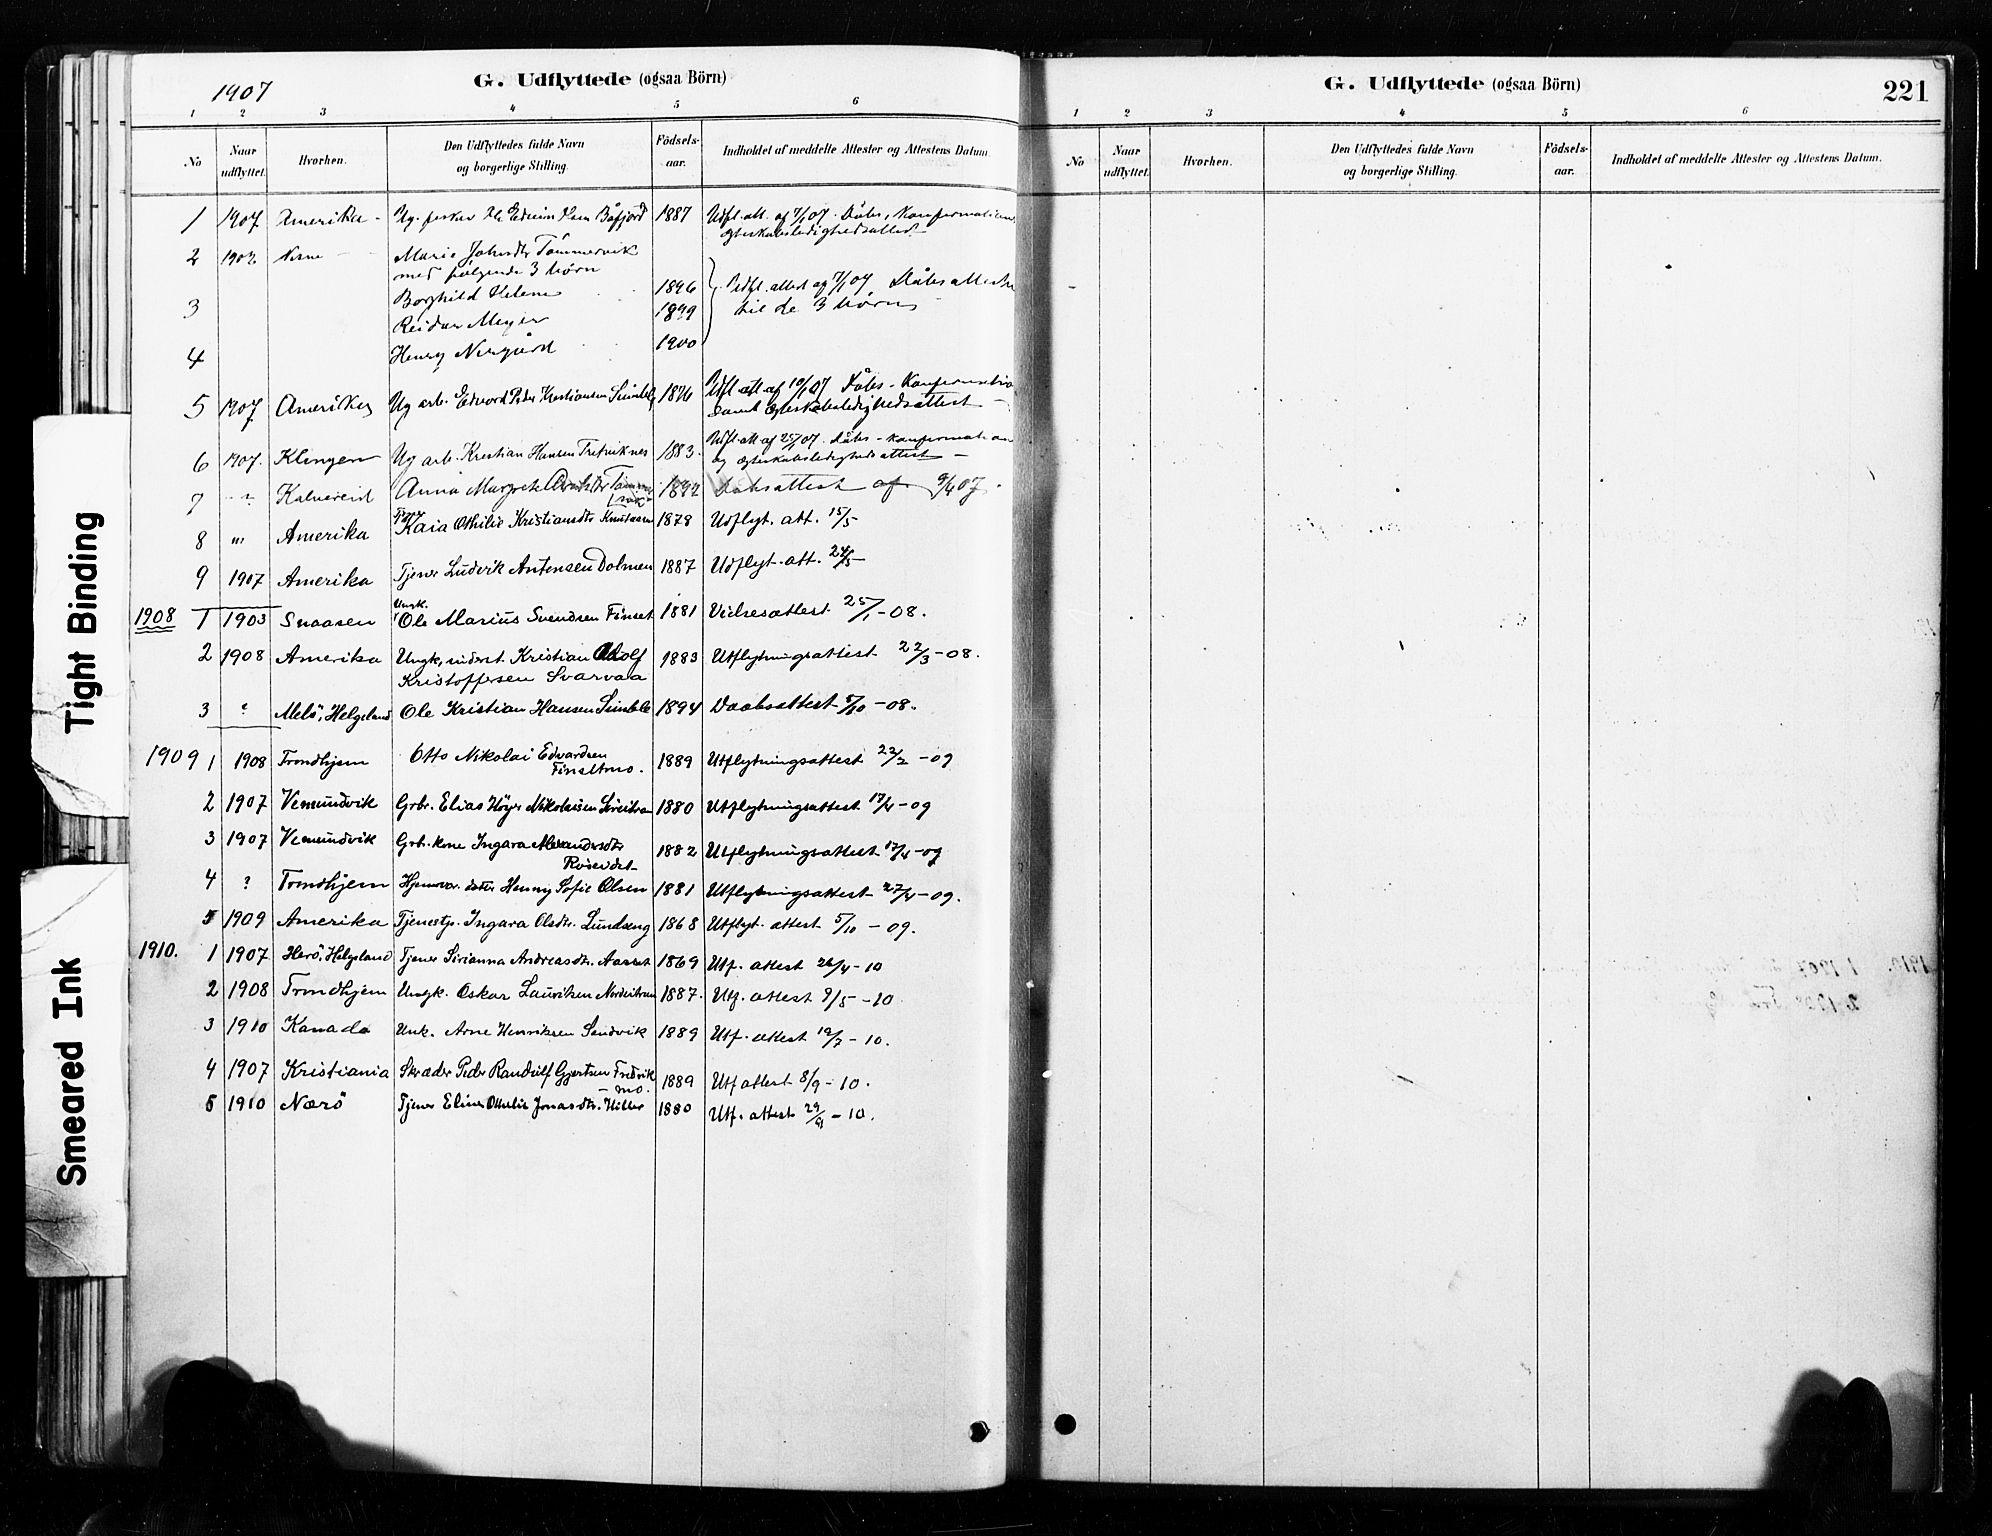 SAT, Ministerialprotokoller, klokkerbøker og fødselsregistre - Nord-Trøndelag, 789/L0705: Ministerialbok nr. 789A01, 1878-1910, s. 221